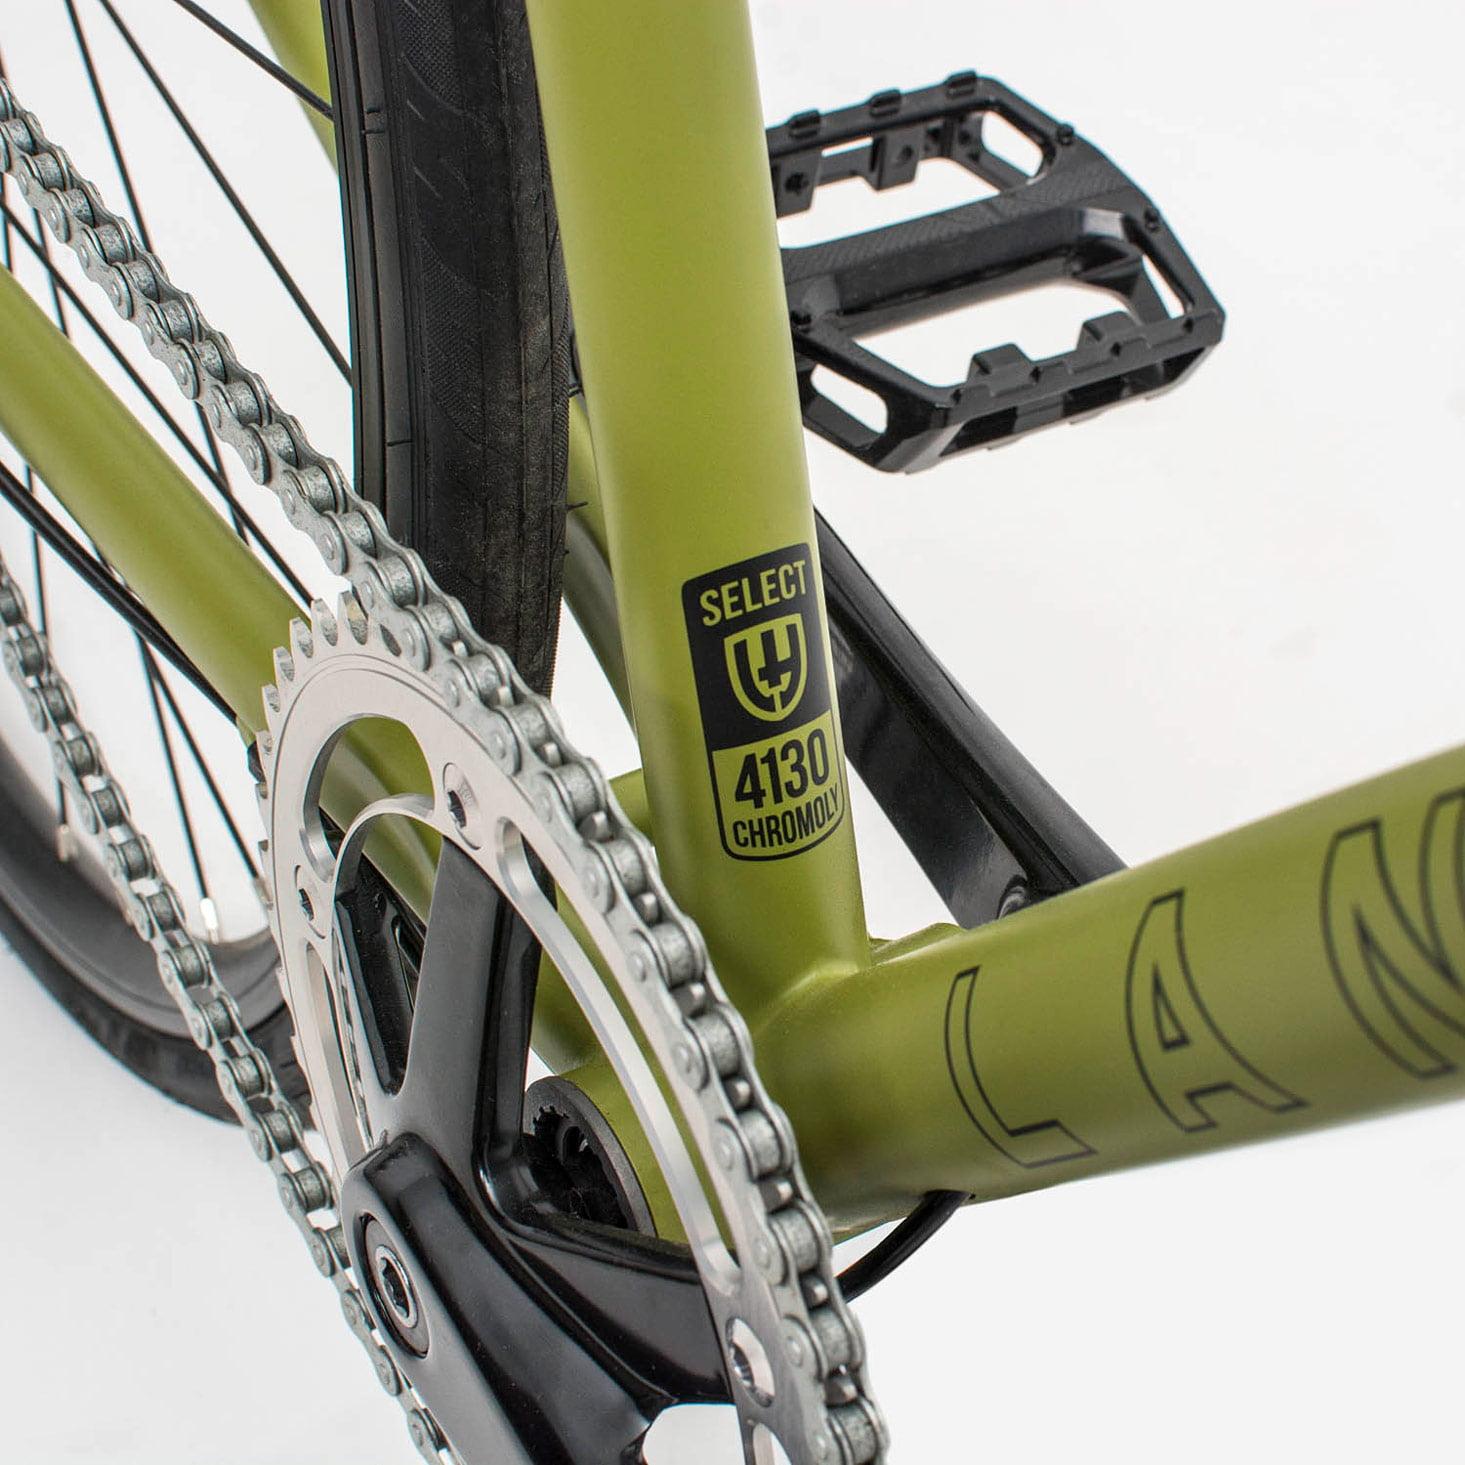 Landyachtz_Spitfire_Olive_Single_Speed_Bikes_1_DSC4867-1